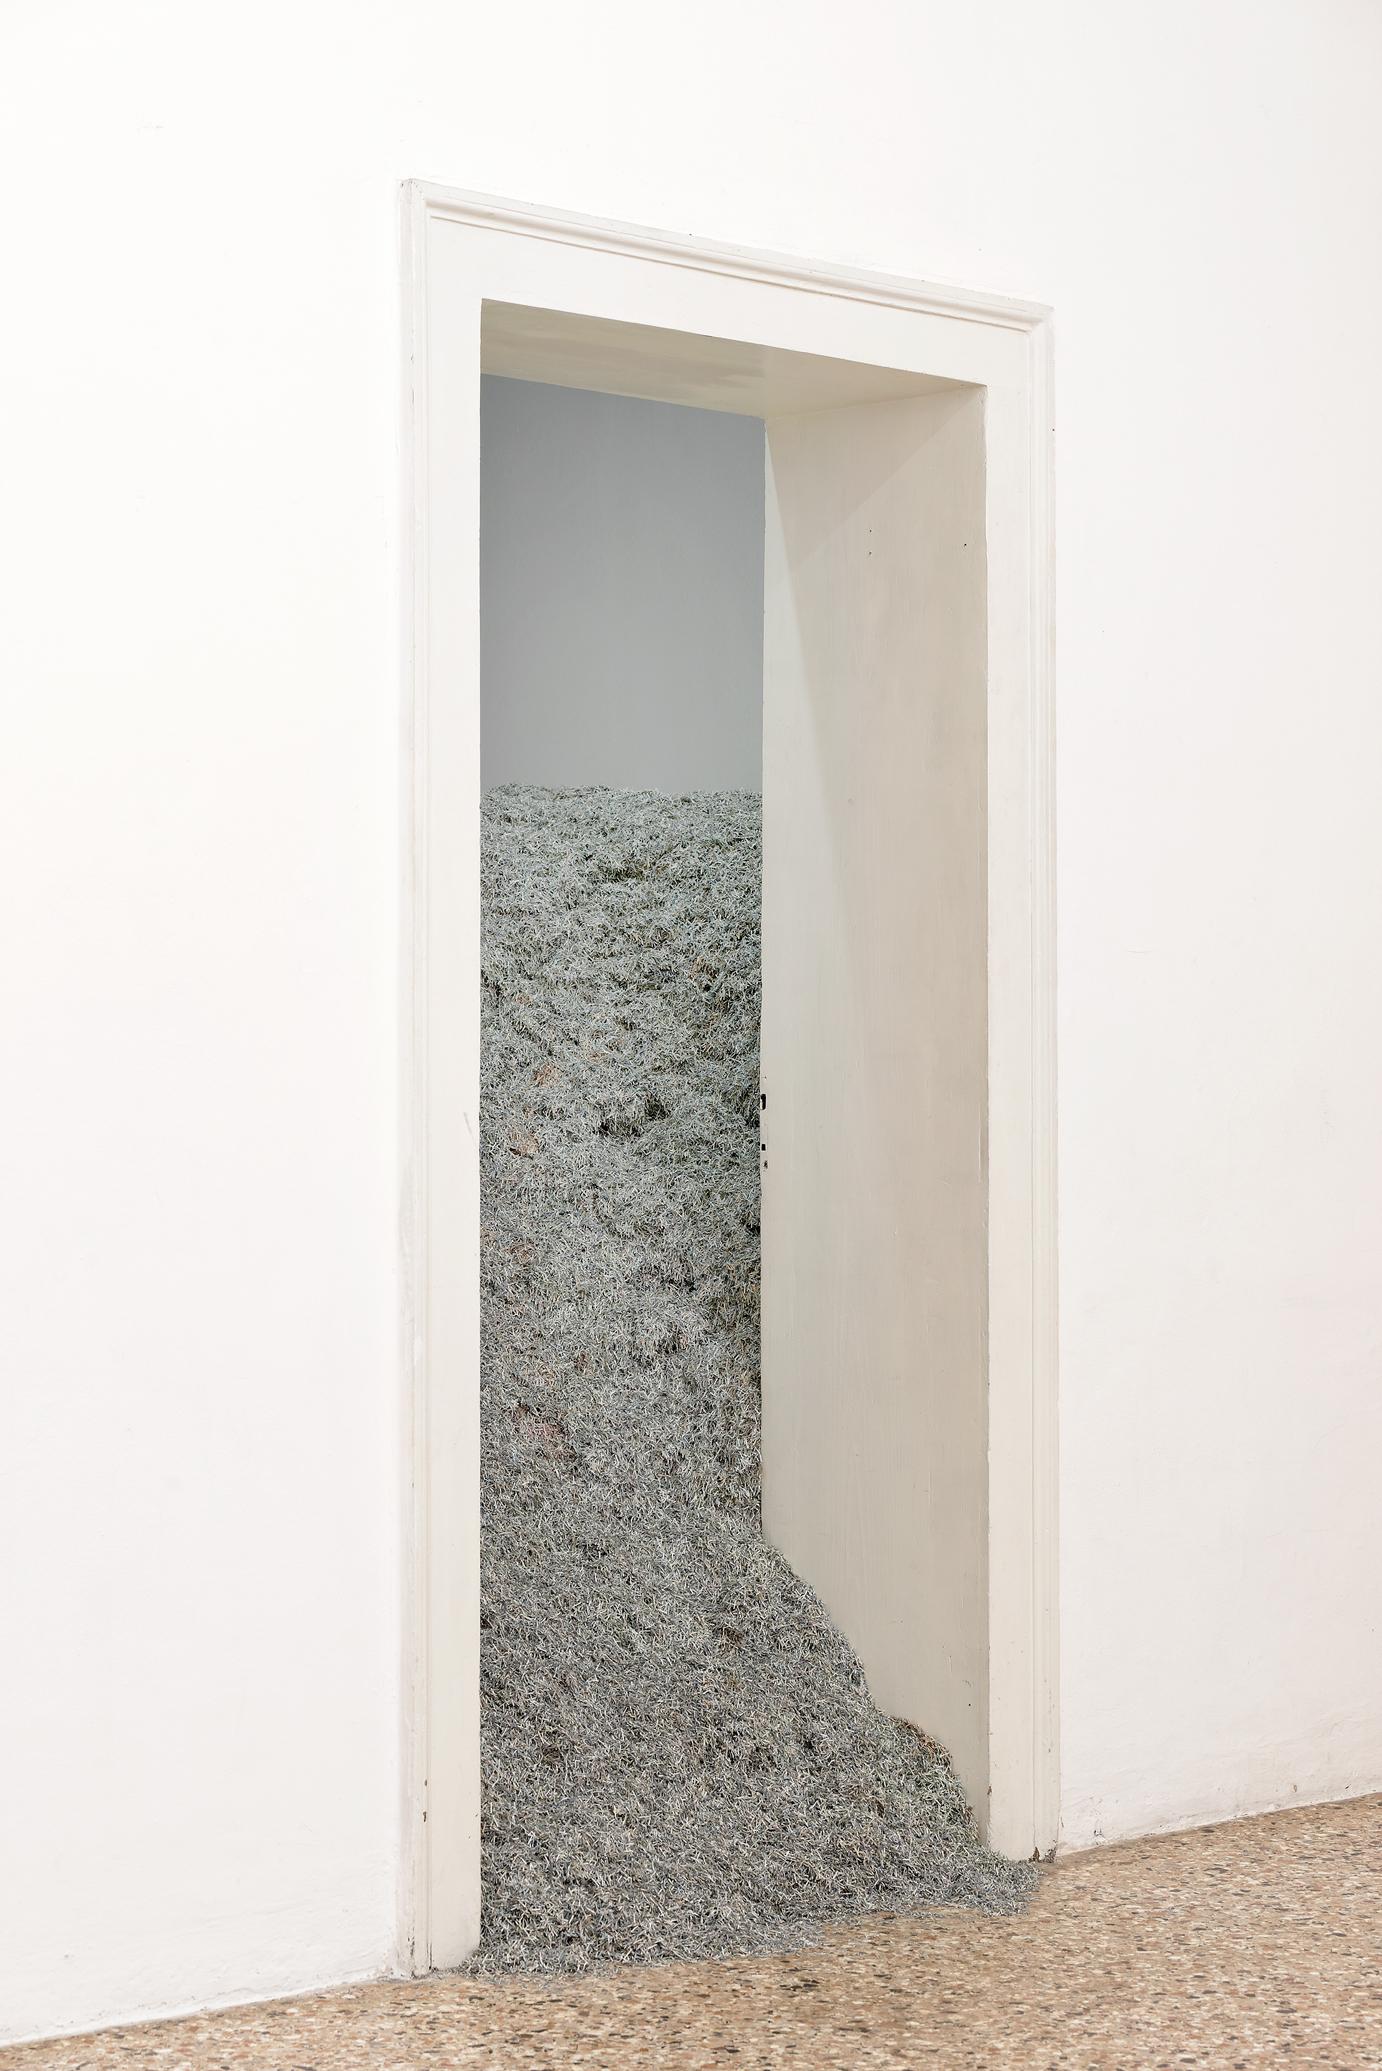 Χριστόδουλος Παναγιώτου, 2008, 2008 Κομμένο χαρτί (Κυπριακές λίρες) Μεταβλητές διαστάσεις Ευγενική παραχώρηση του Centre Pompidou, Παρίσι Φωτο: Aurelien Mole